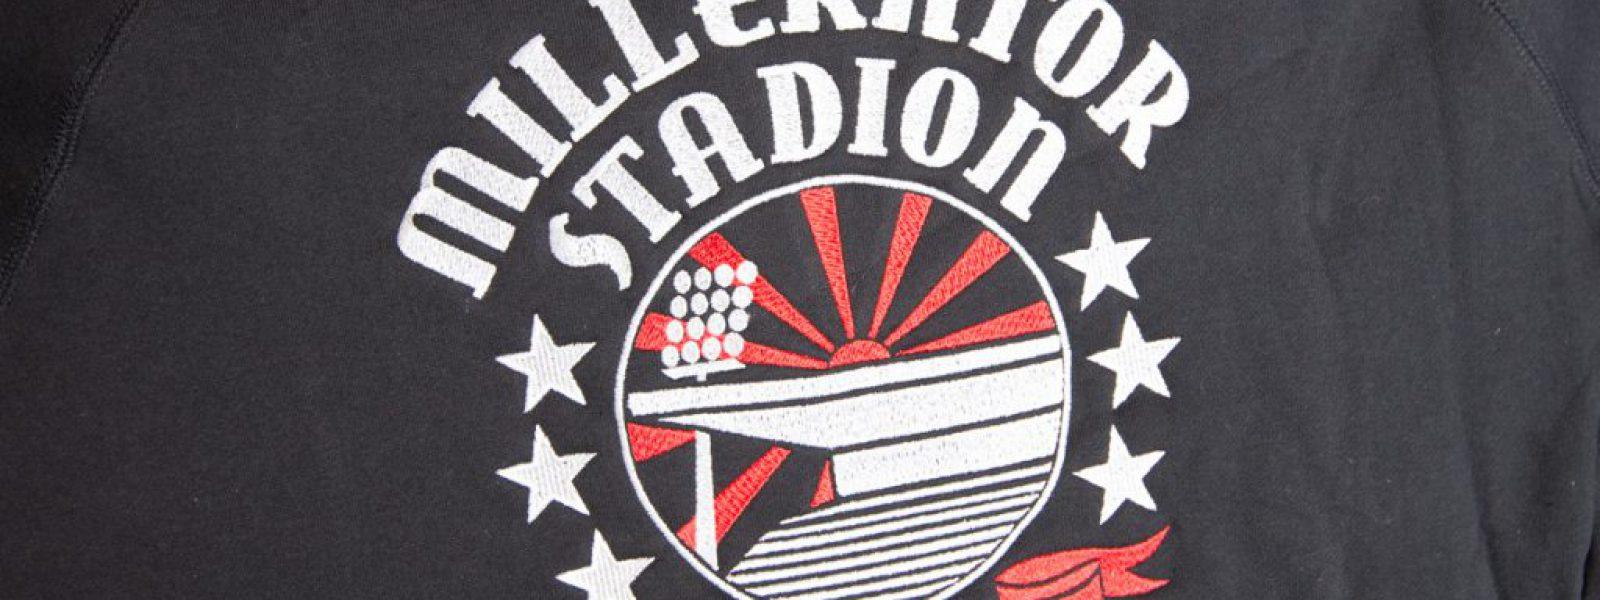 Die Millerntor-Kollektion kommt nach Hause!